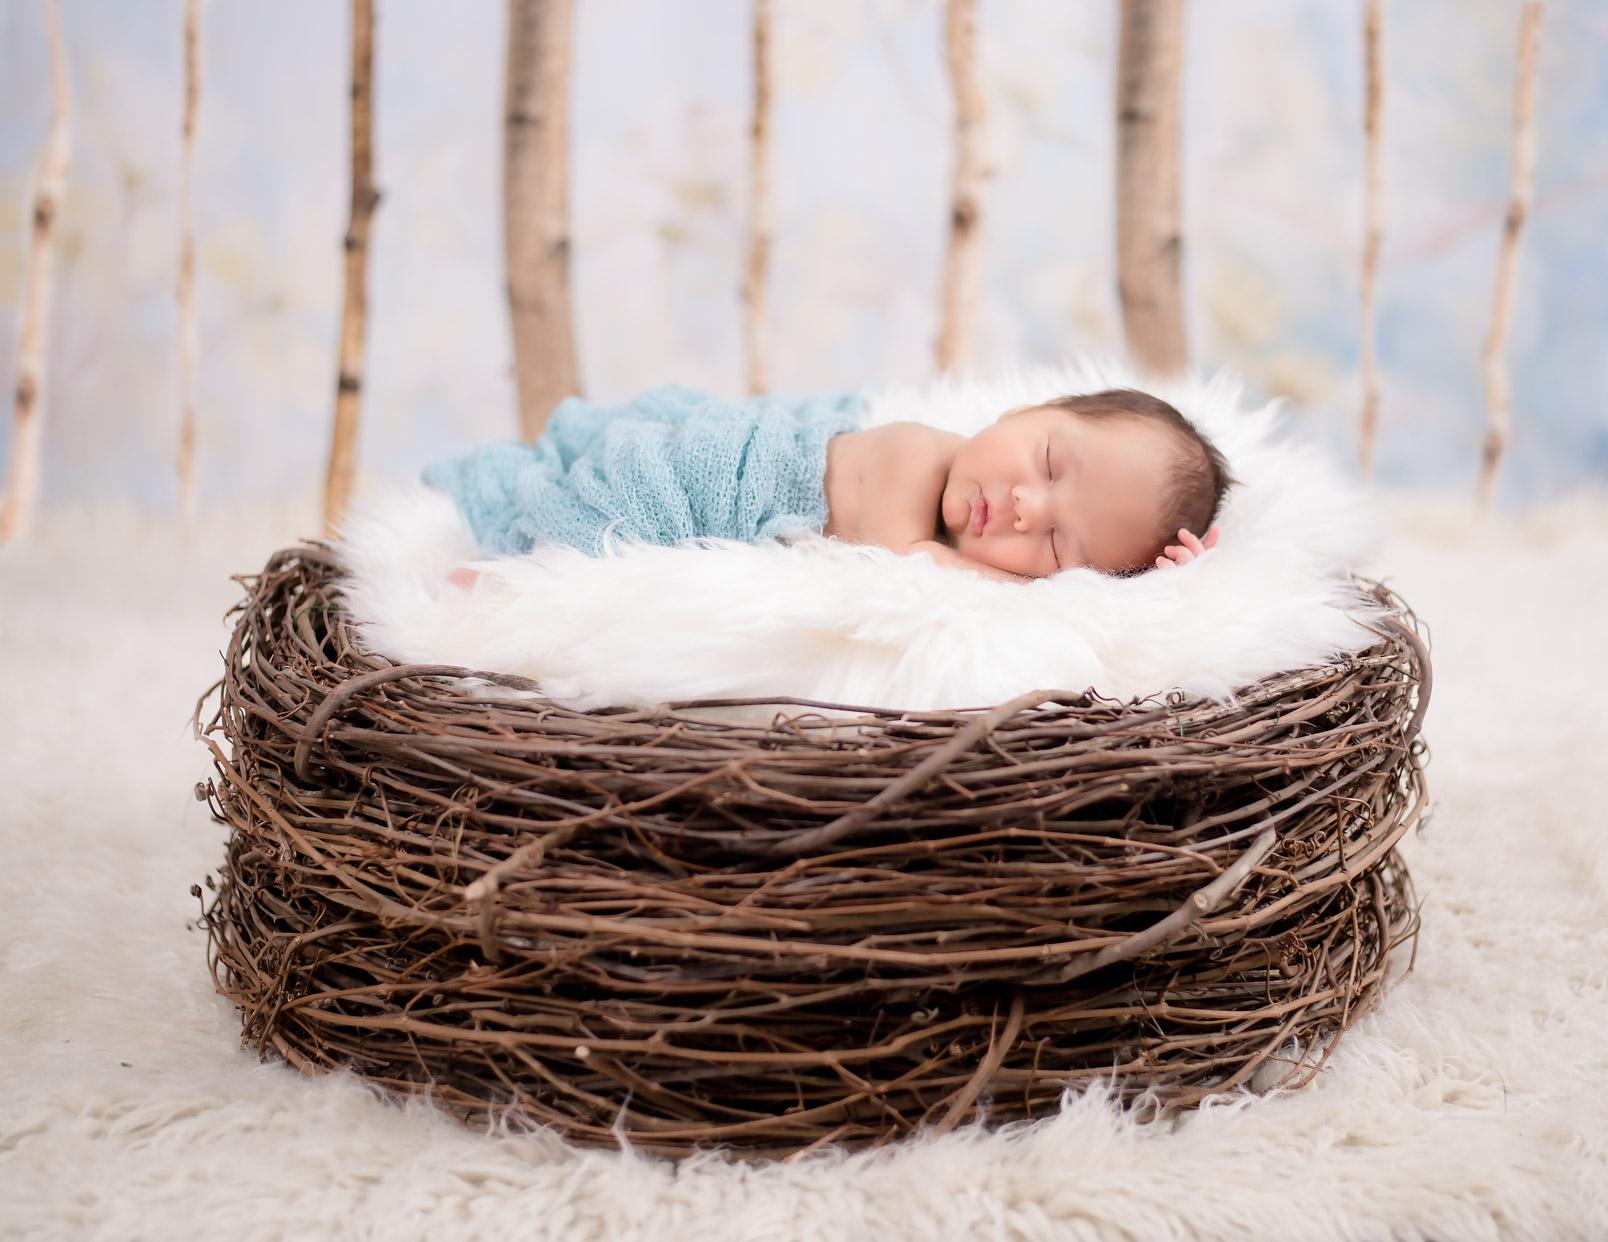 Baby AmreenDSC_5893-Edit.jpg